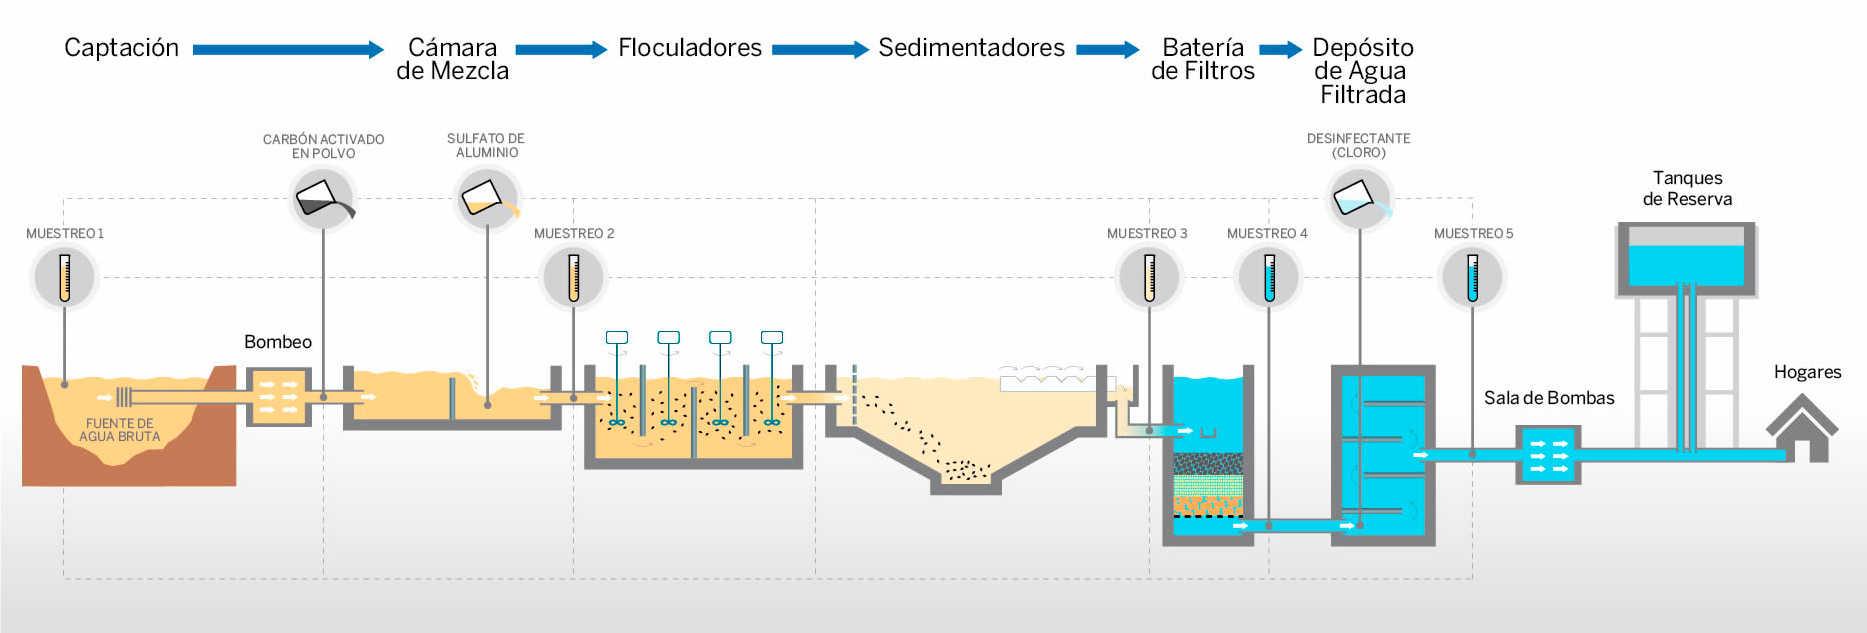 proceso potabilizacion del agua